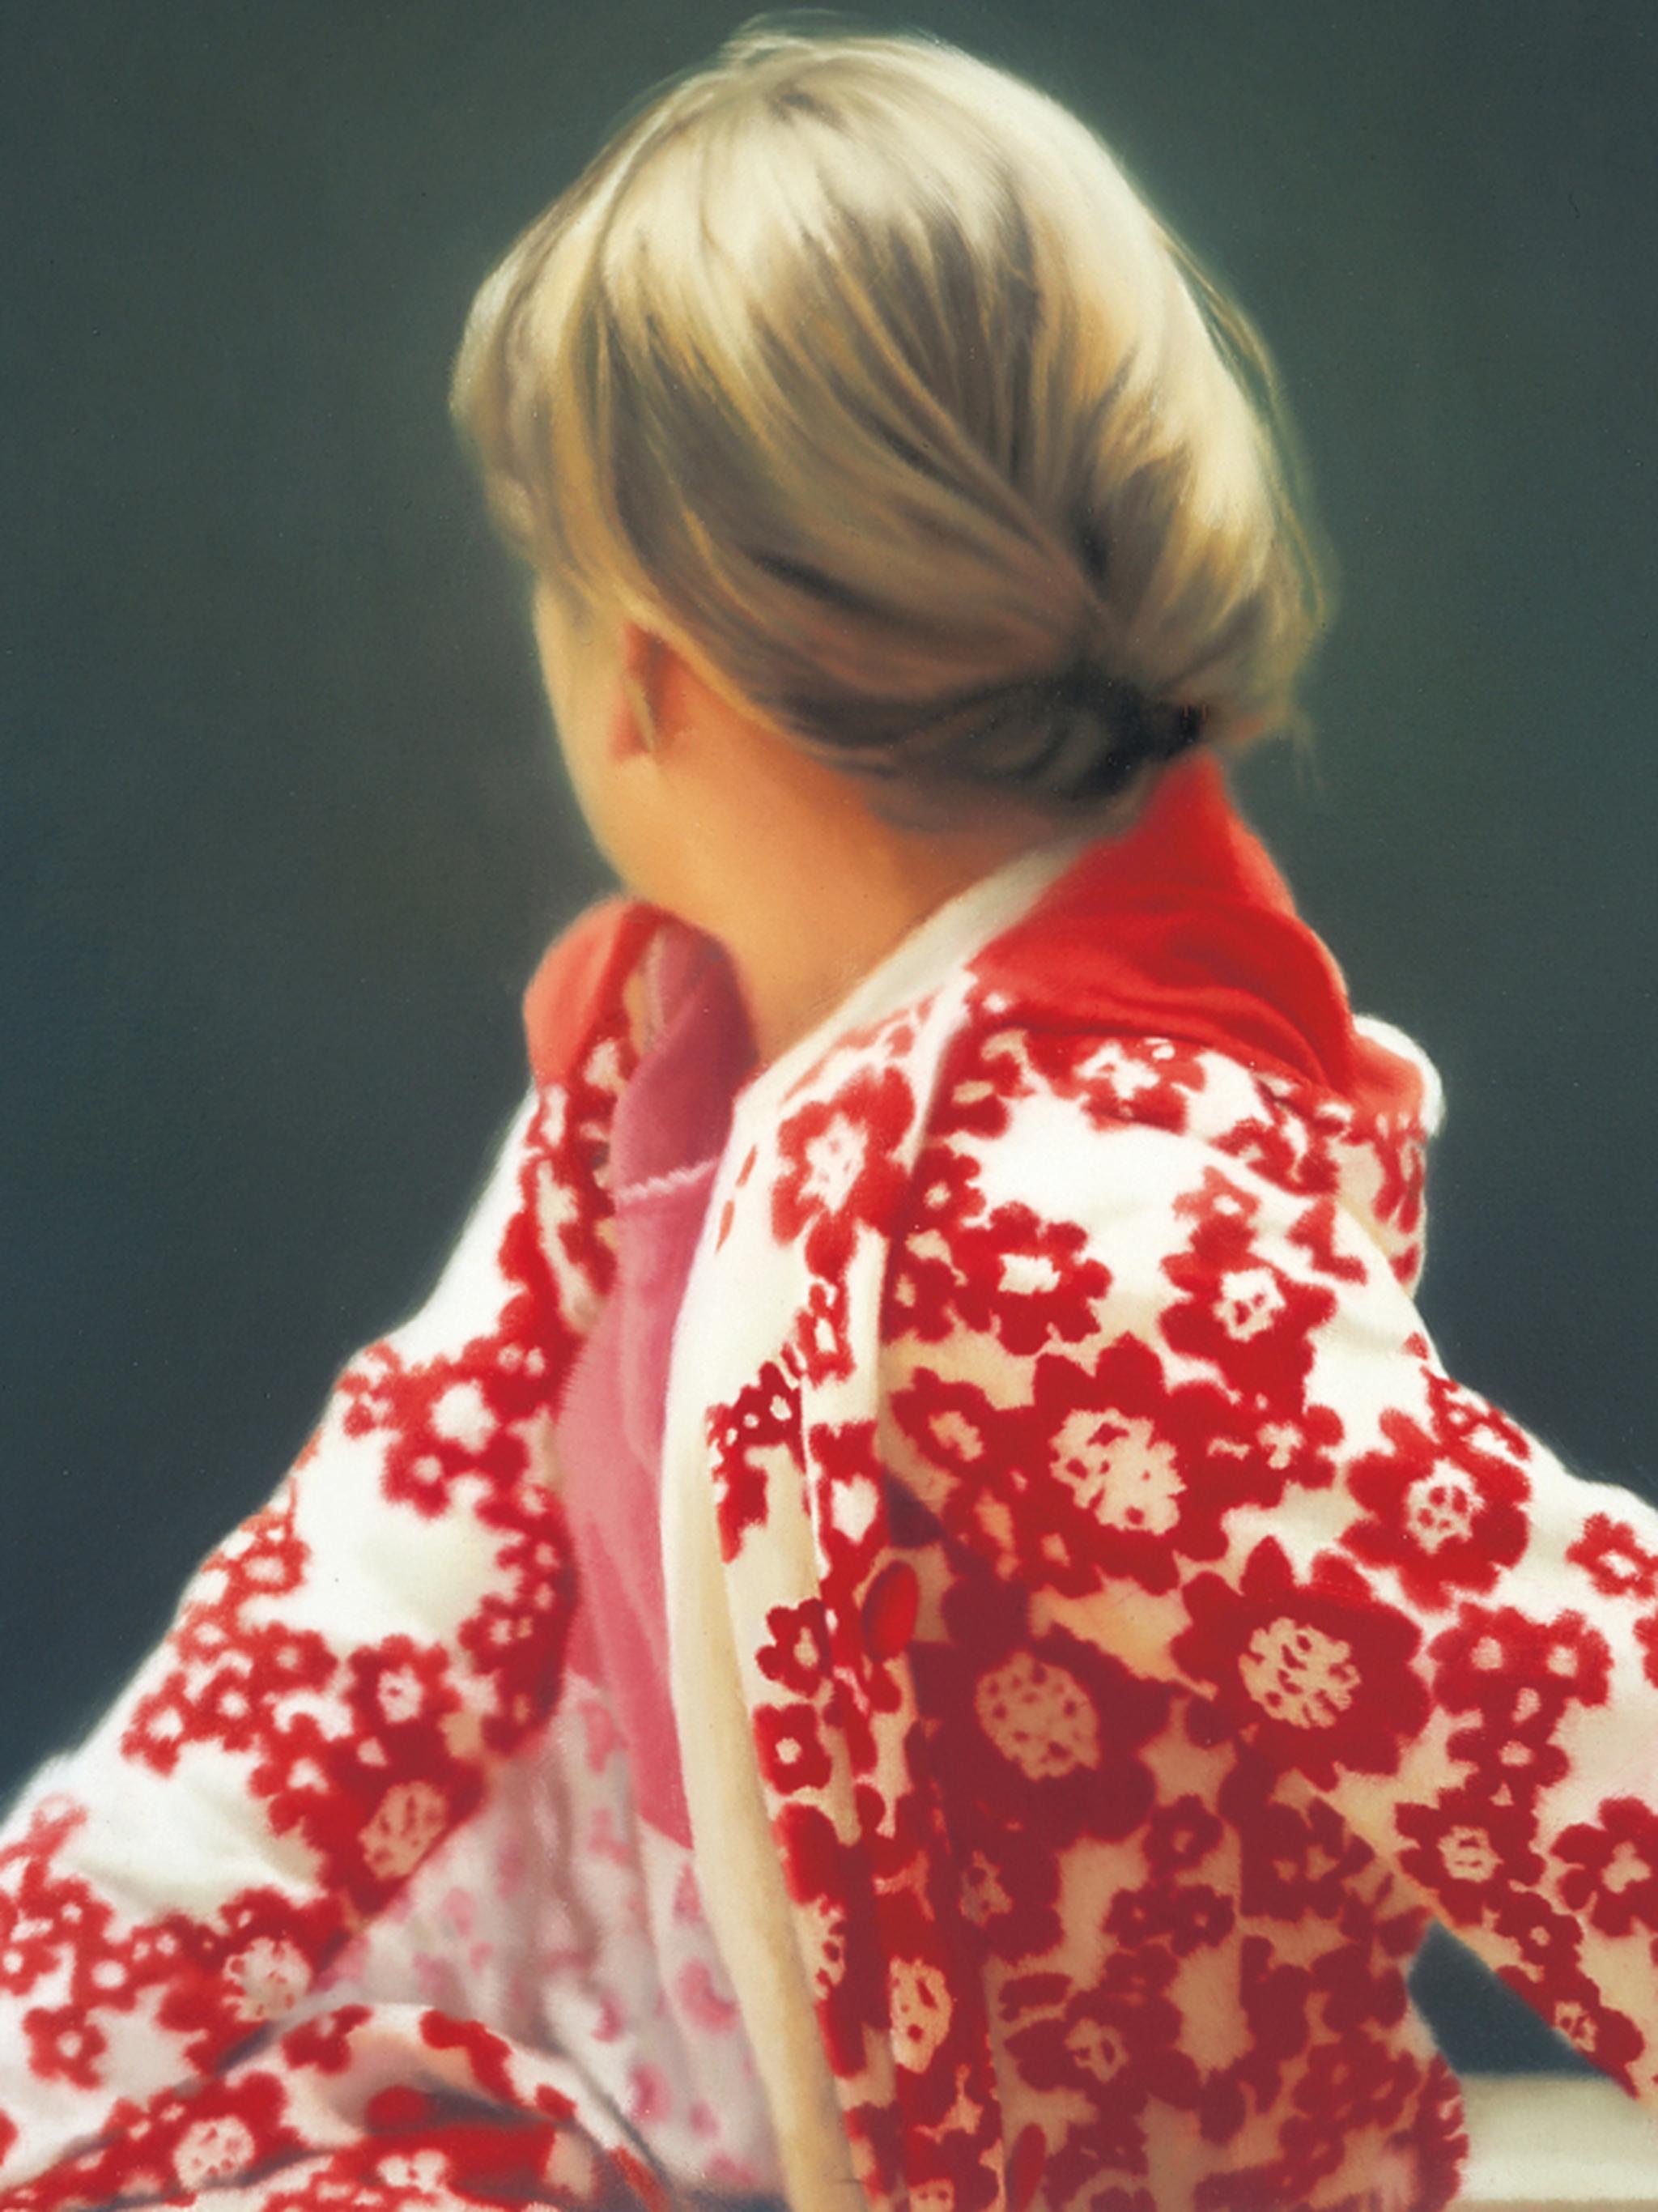 Gerhard Richter, Betty, 1988.jpg